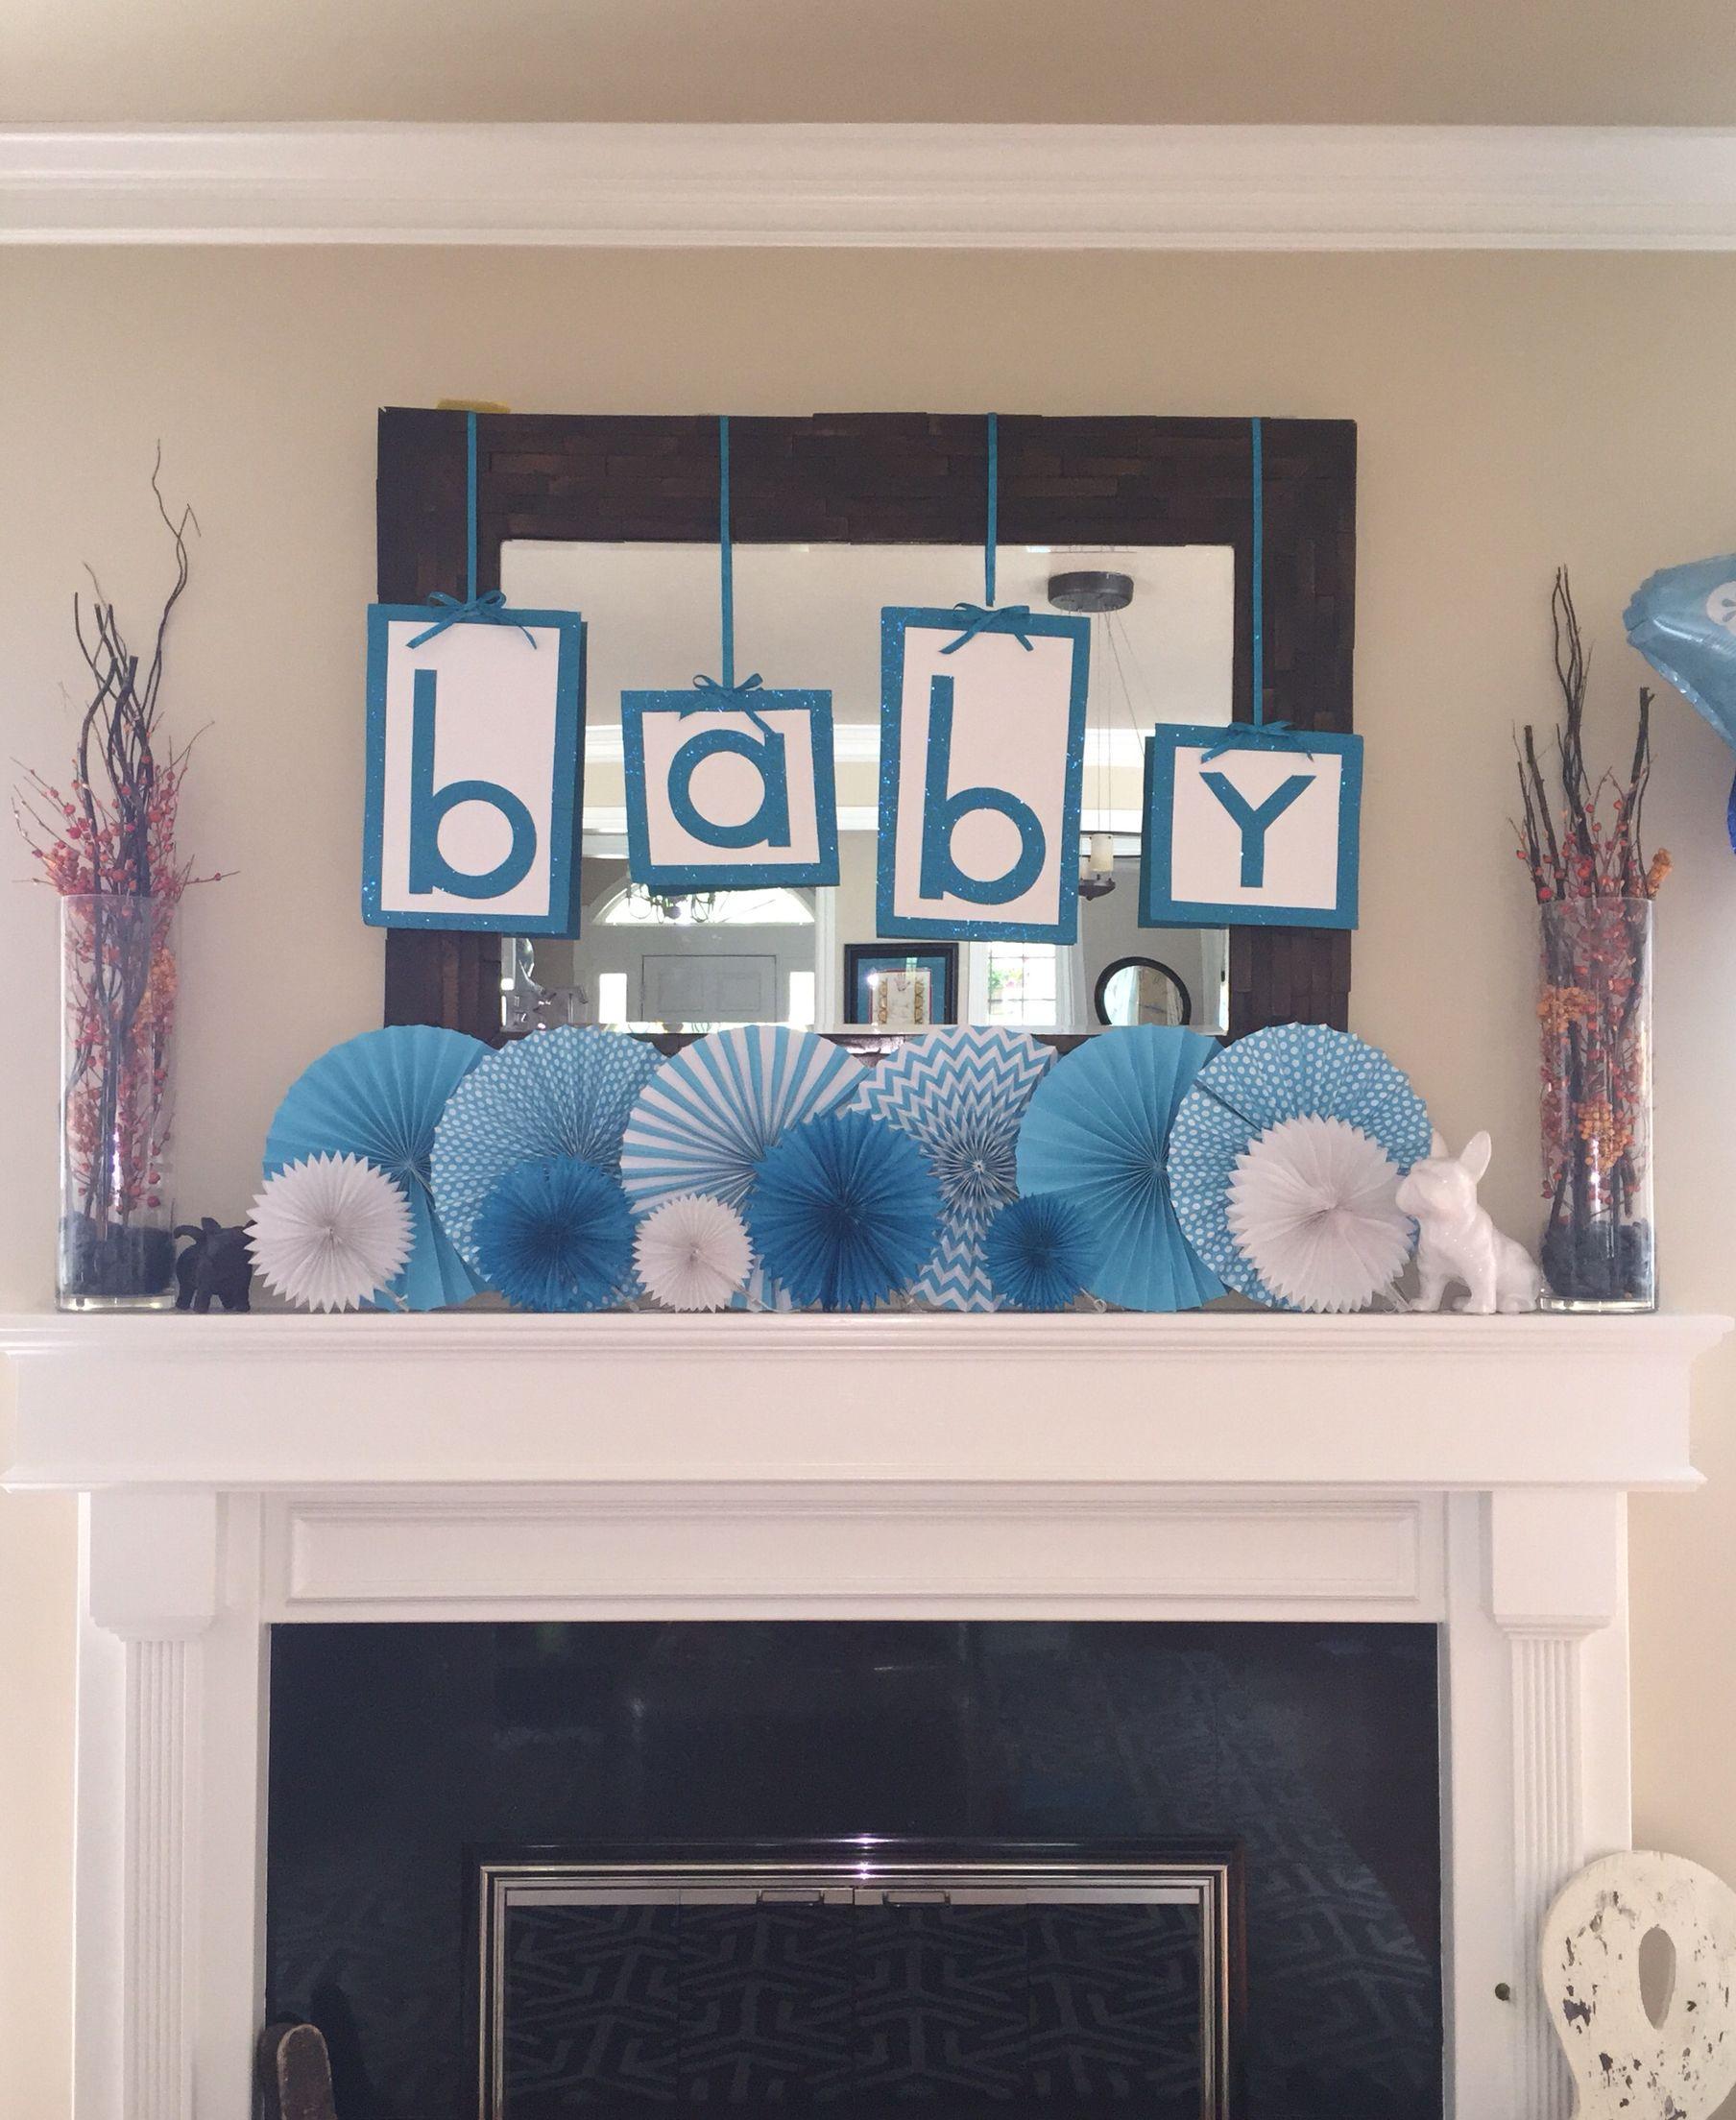 Baby Shower Fireplace Decoration #Babyshower #Babyboy